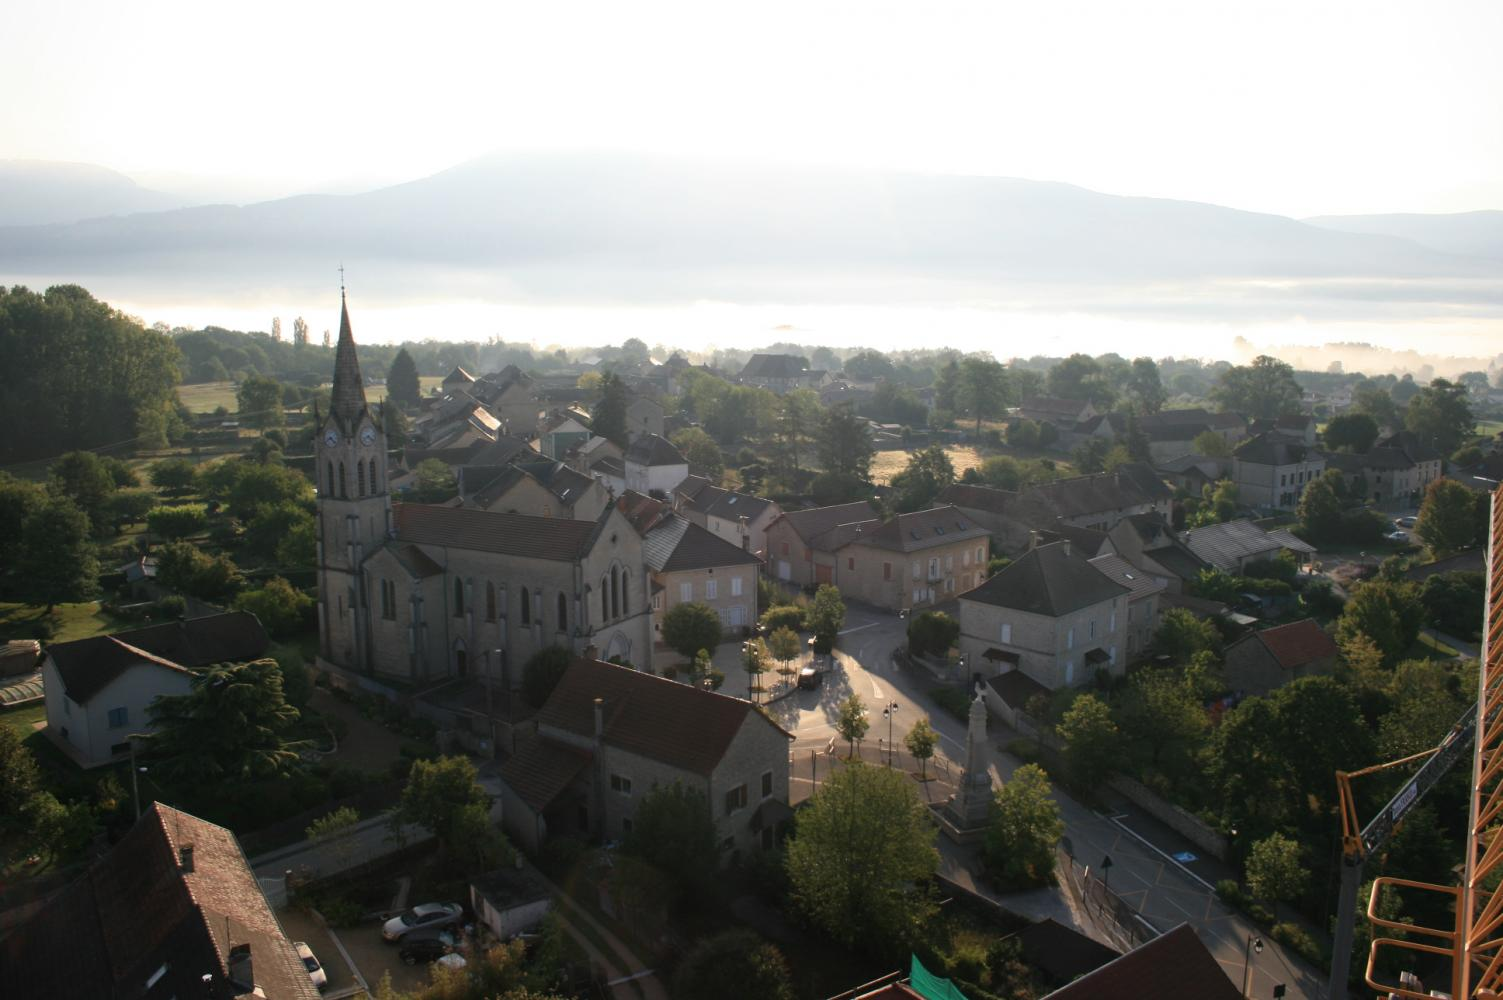 Projet de PLU de la Commune de Porcieu-Amblagnieu et projet de zonage d'assainissement des eaux usées et pluviales